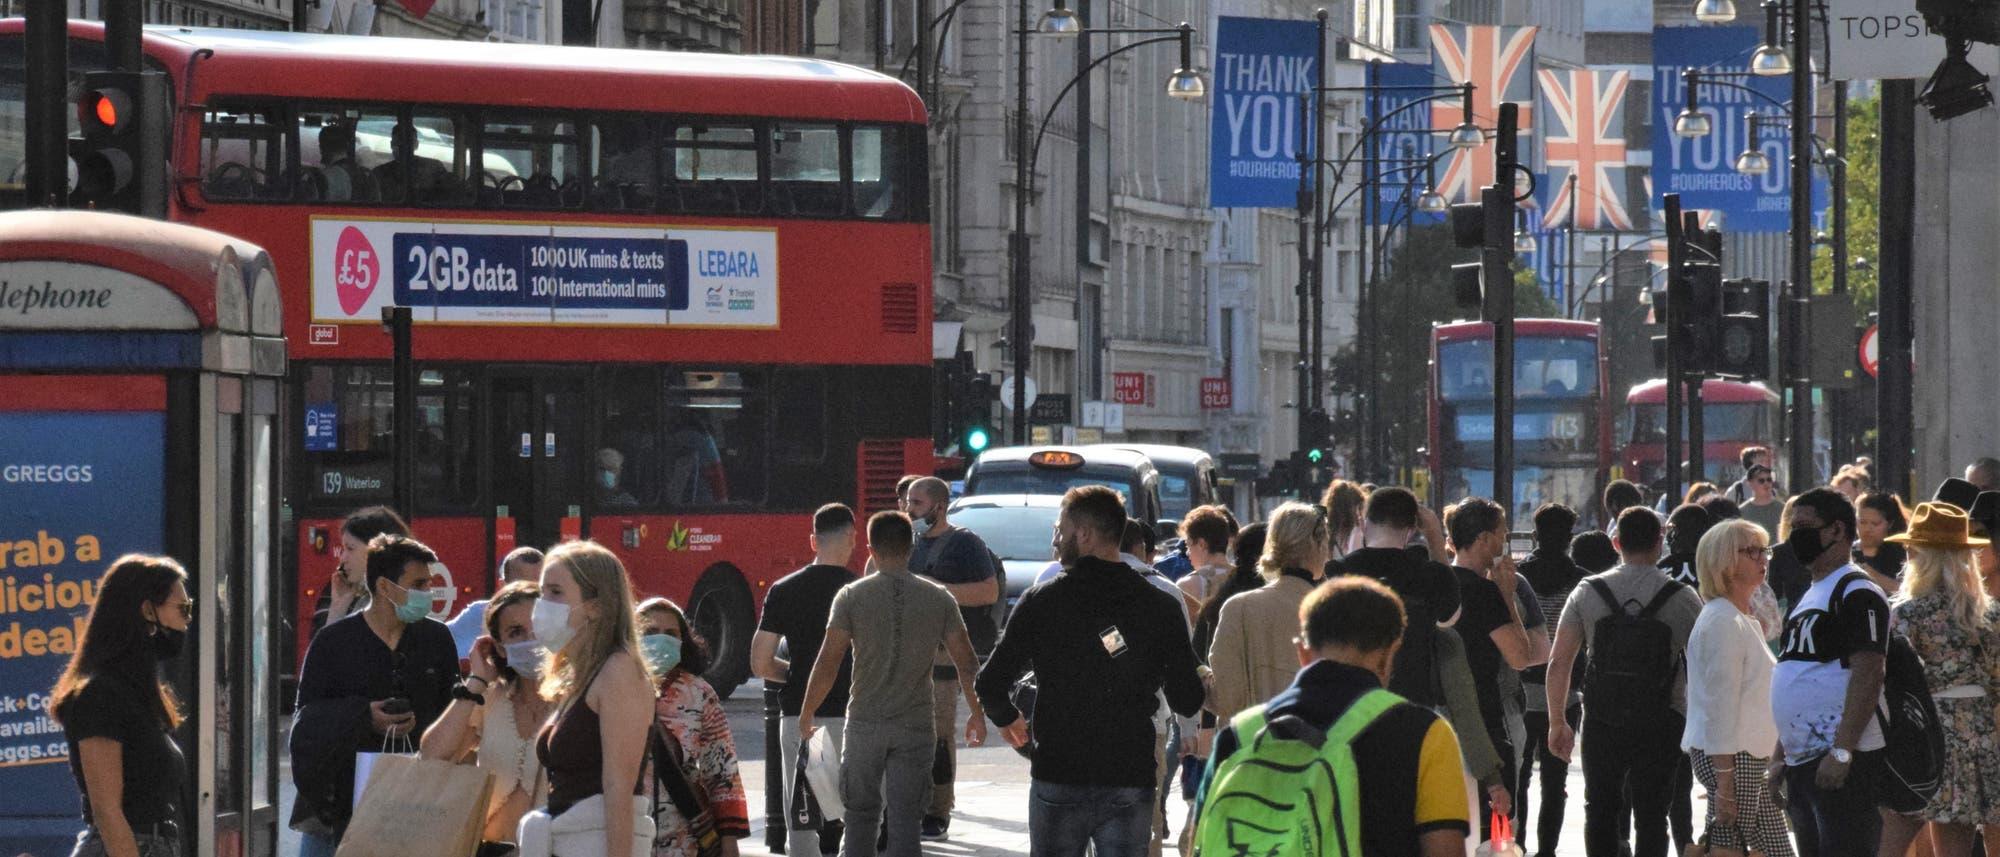 Menschen in Großbritannien während der Pandemie